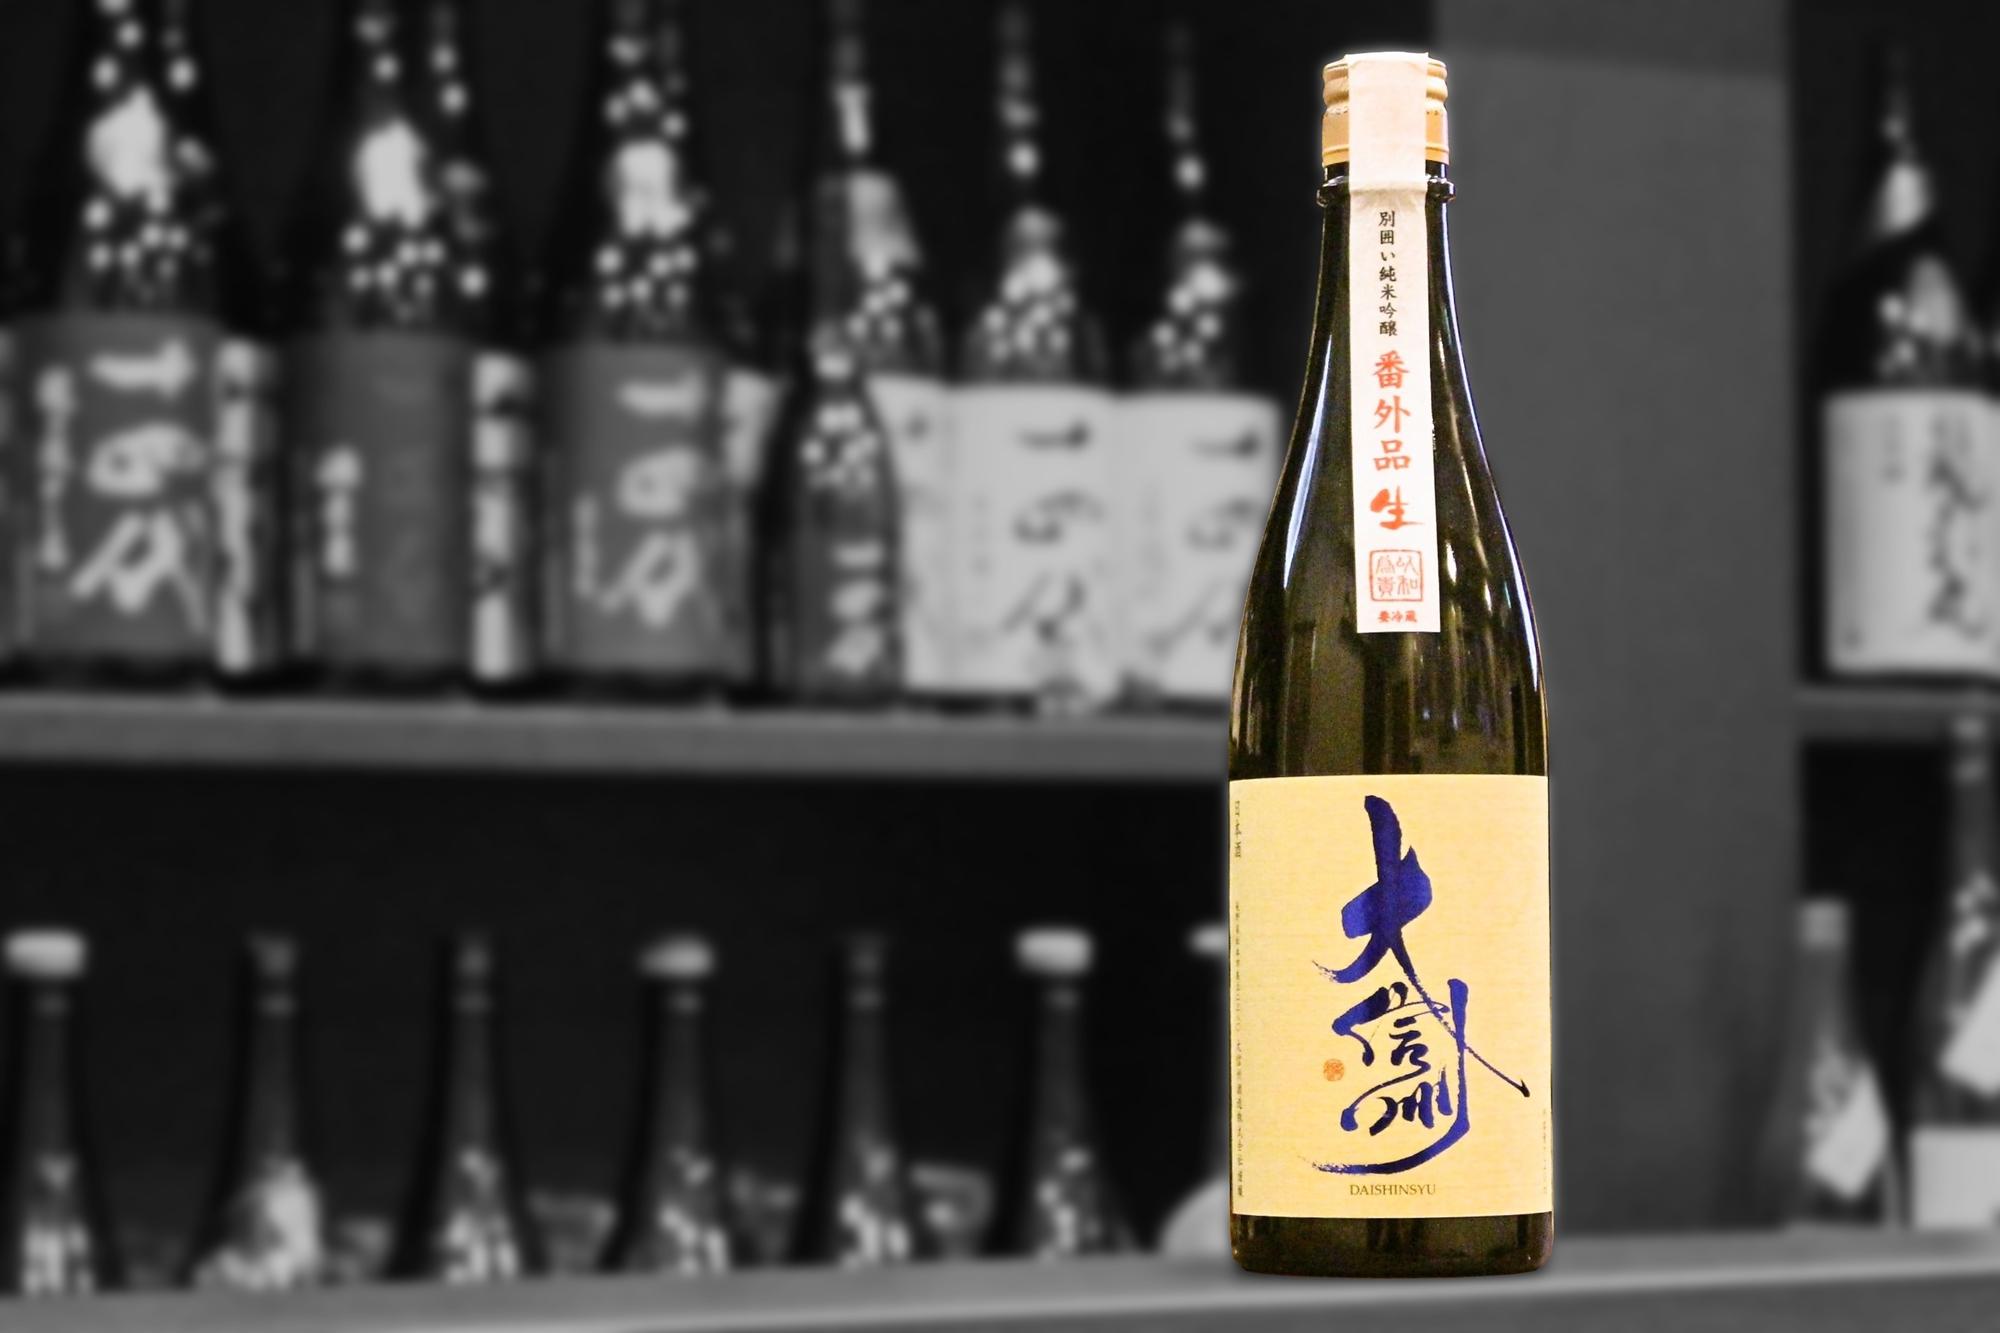 大信州別囲い純米吟醸番外品生202101-001